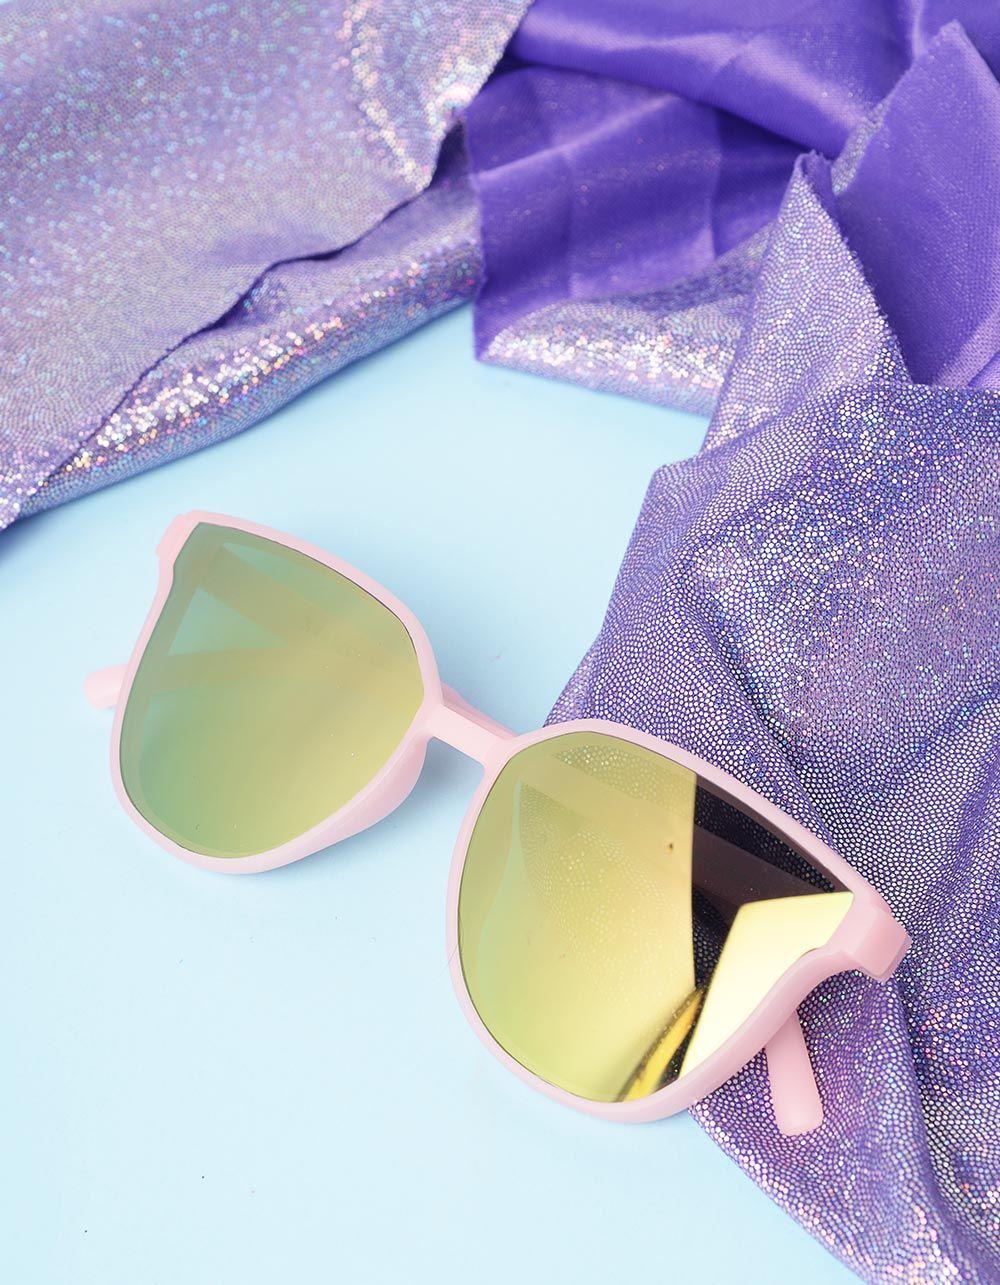 Окуляри дитячі сонцезахисні з кольоровою оправою | 236187-14-XX